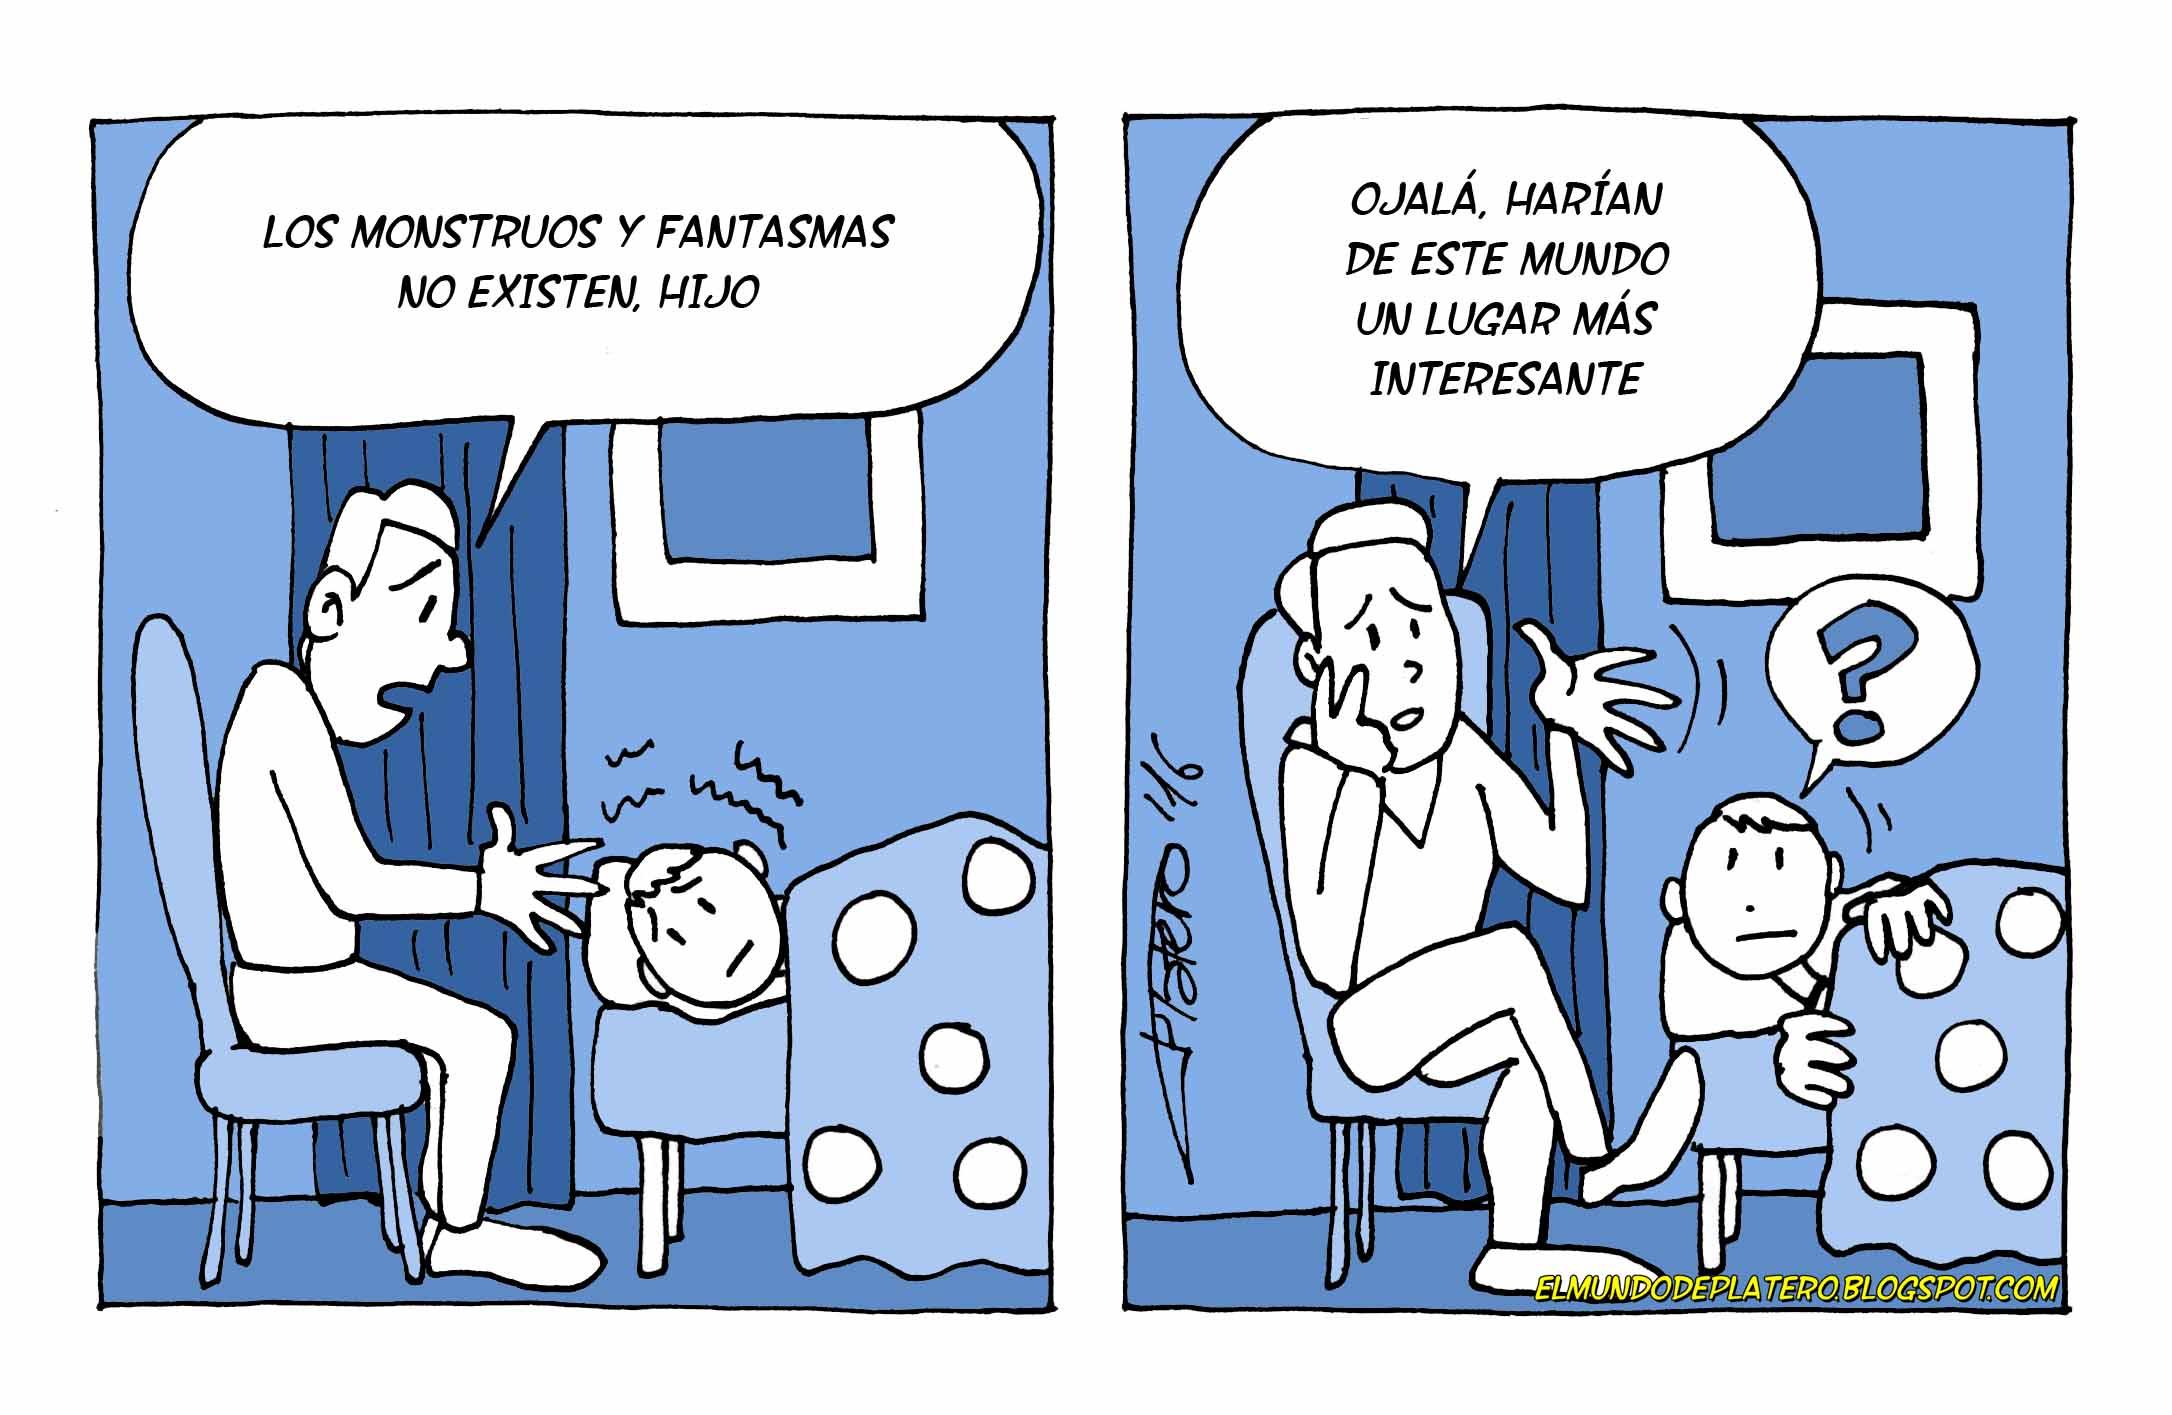 los_fantasmas_no_existen_josé_luis_platero_elmundodeplatero_viñetas_de_humor